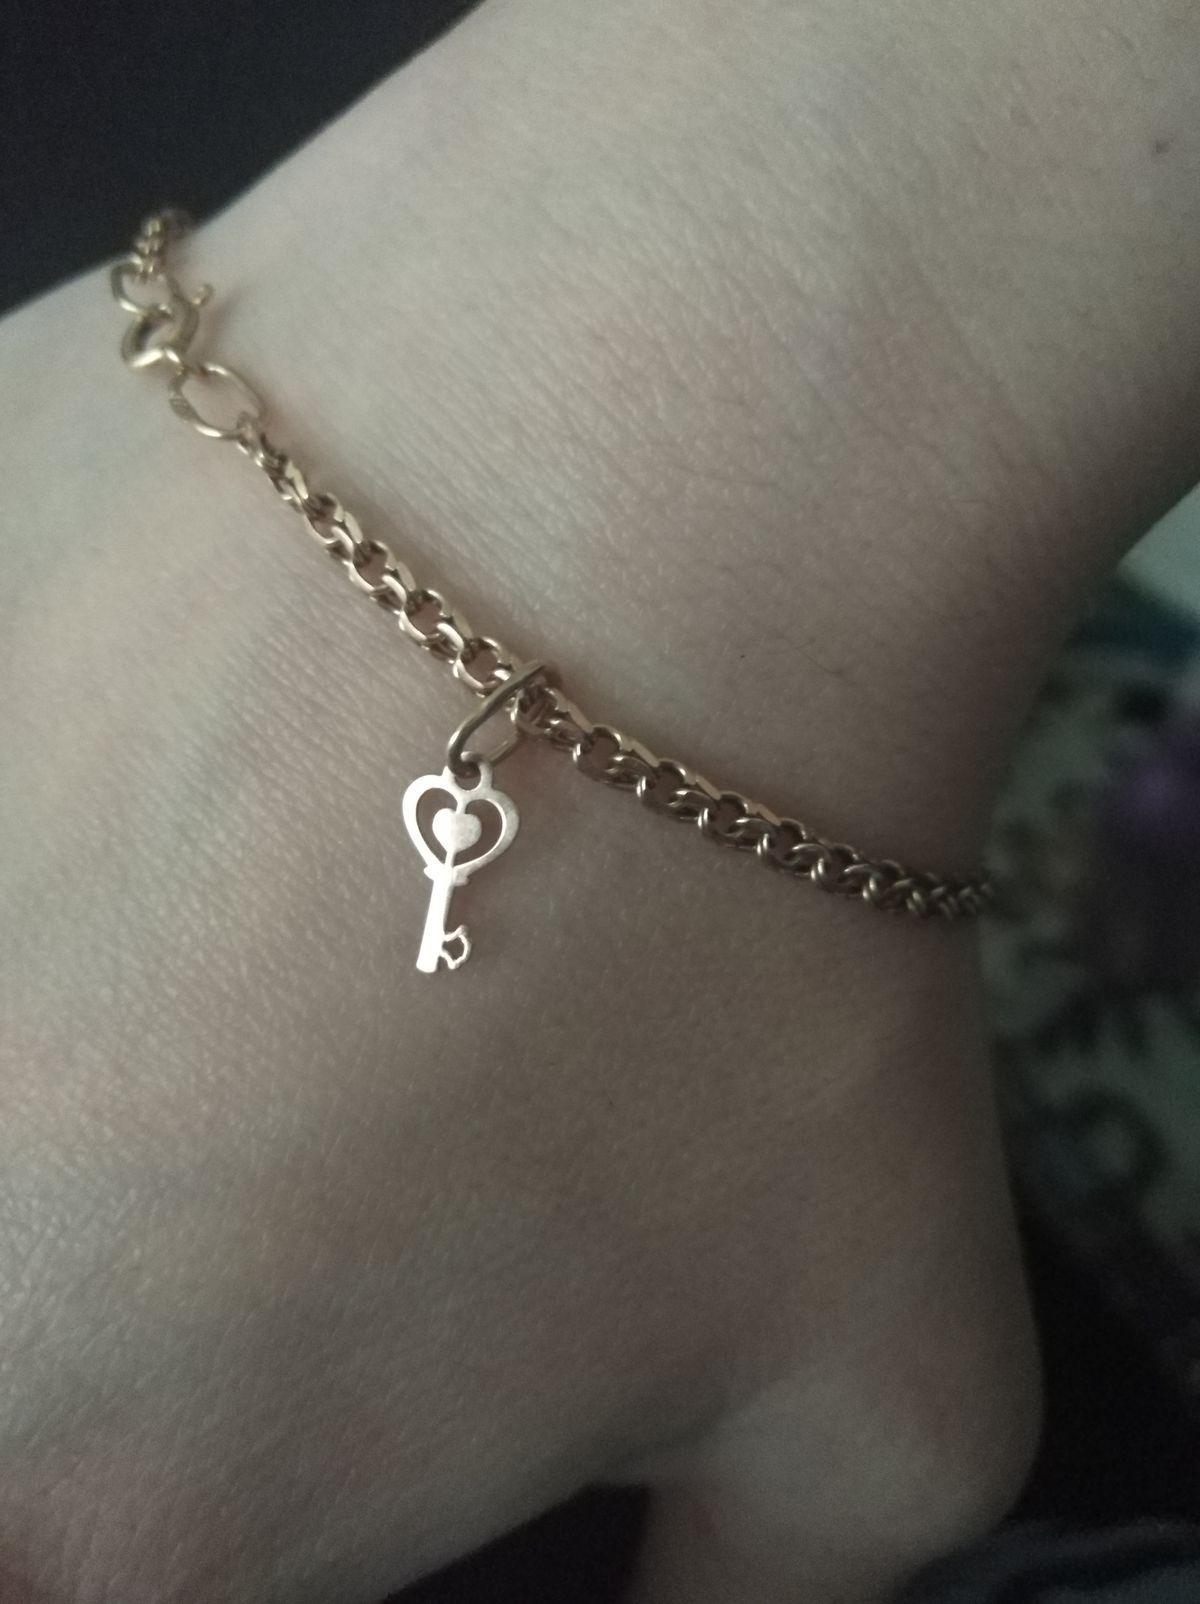 Ключик от моего сердца)))